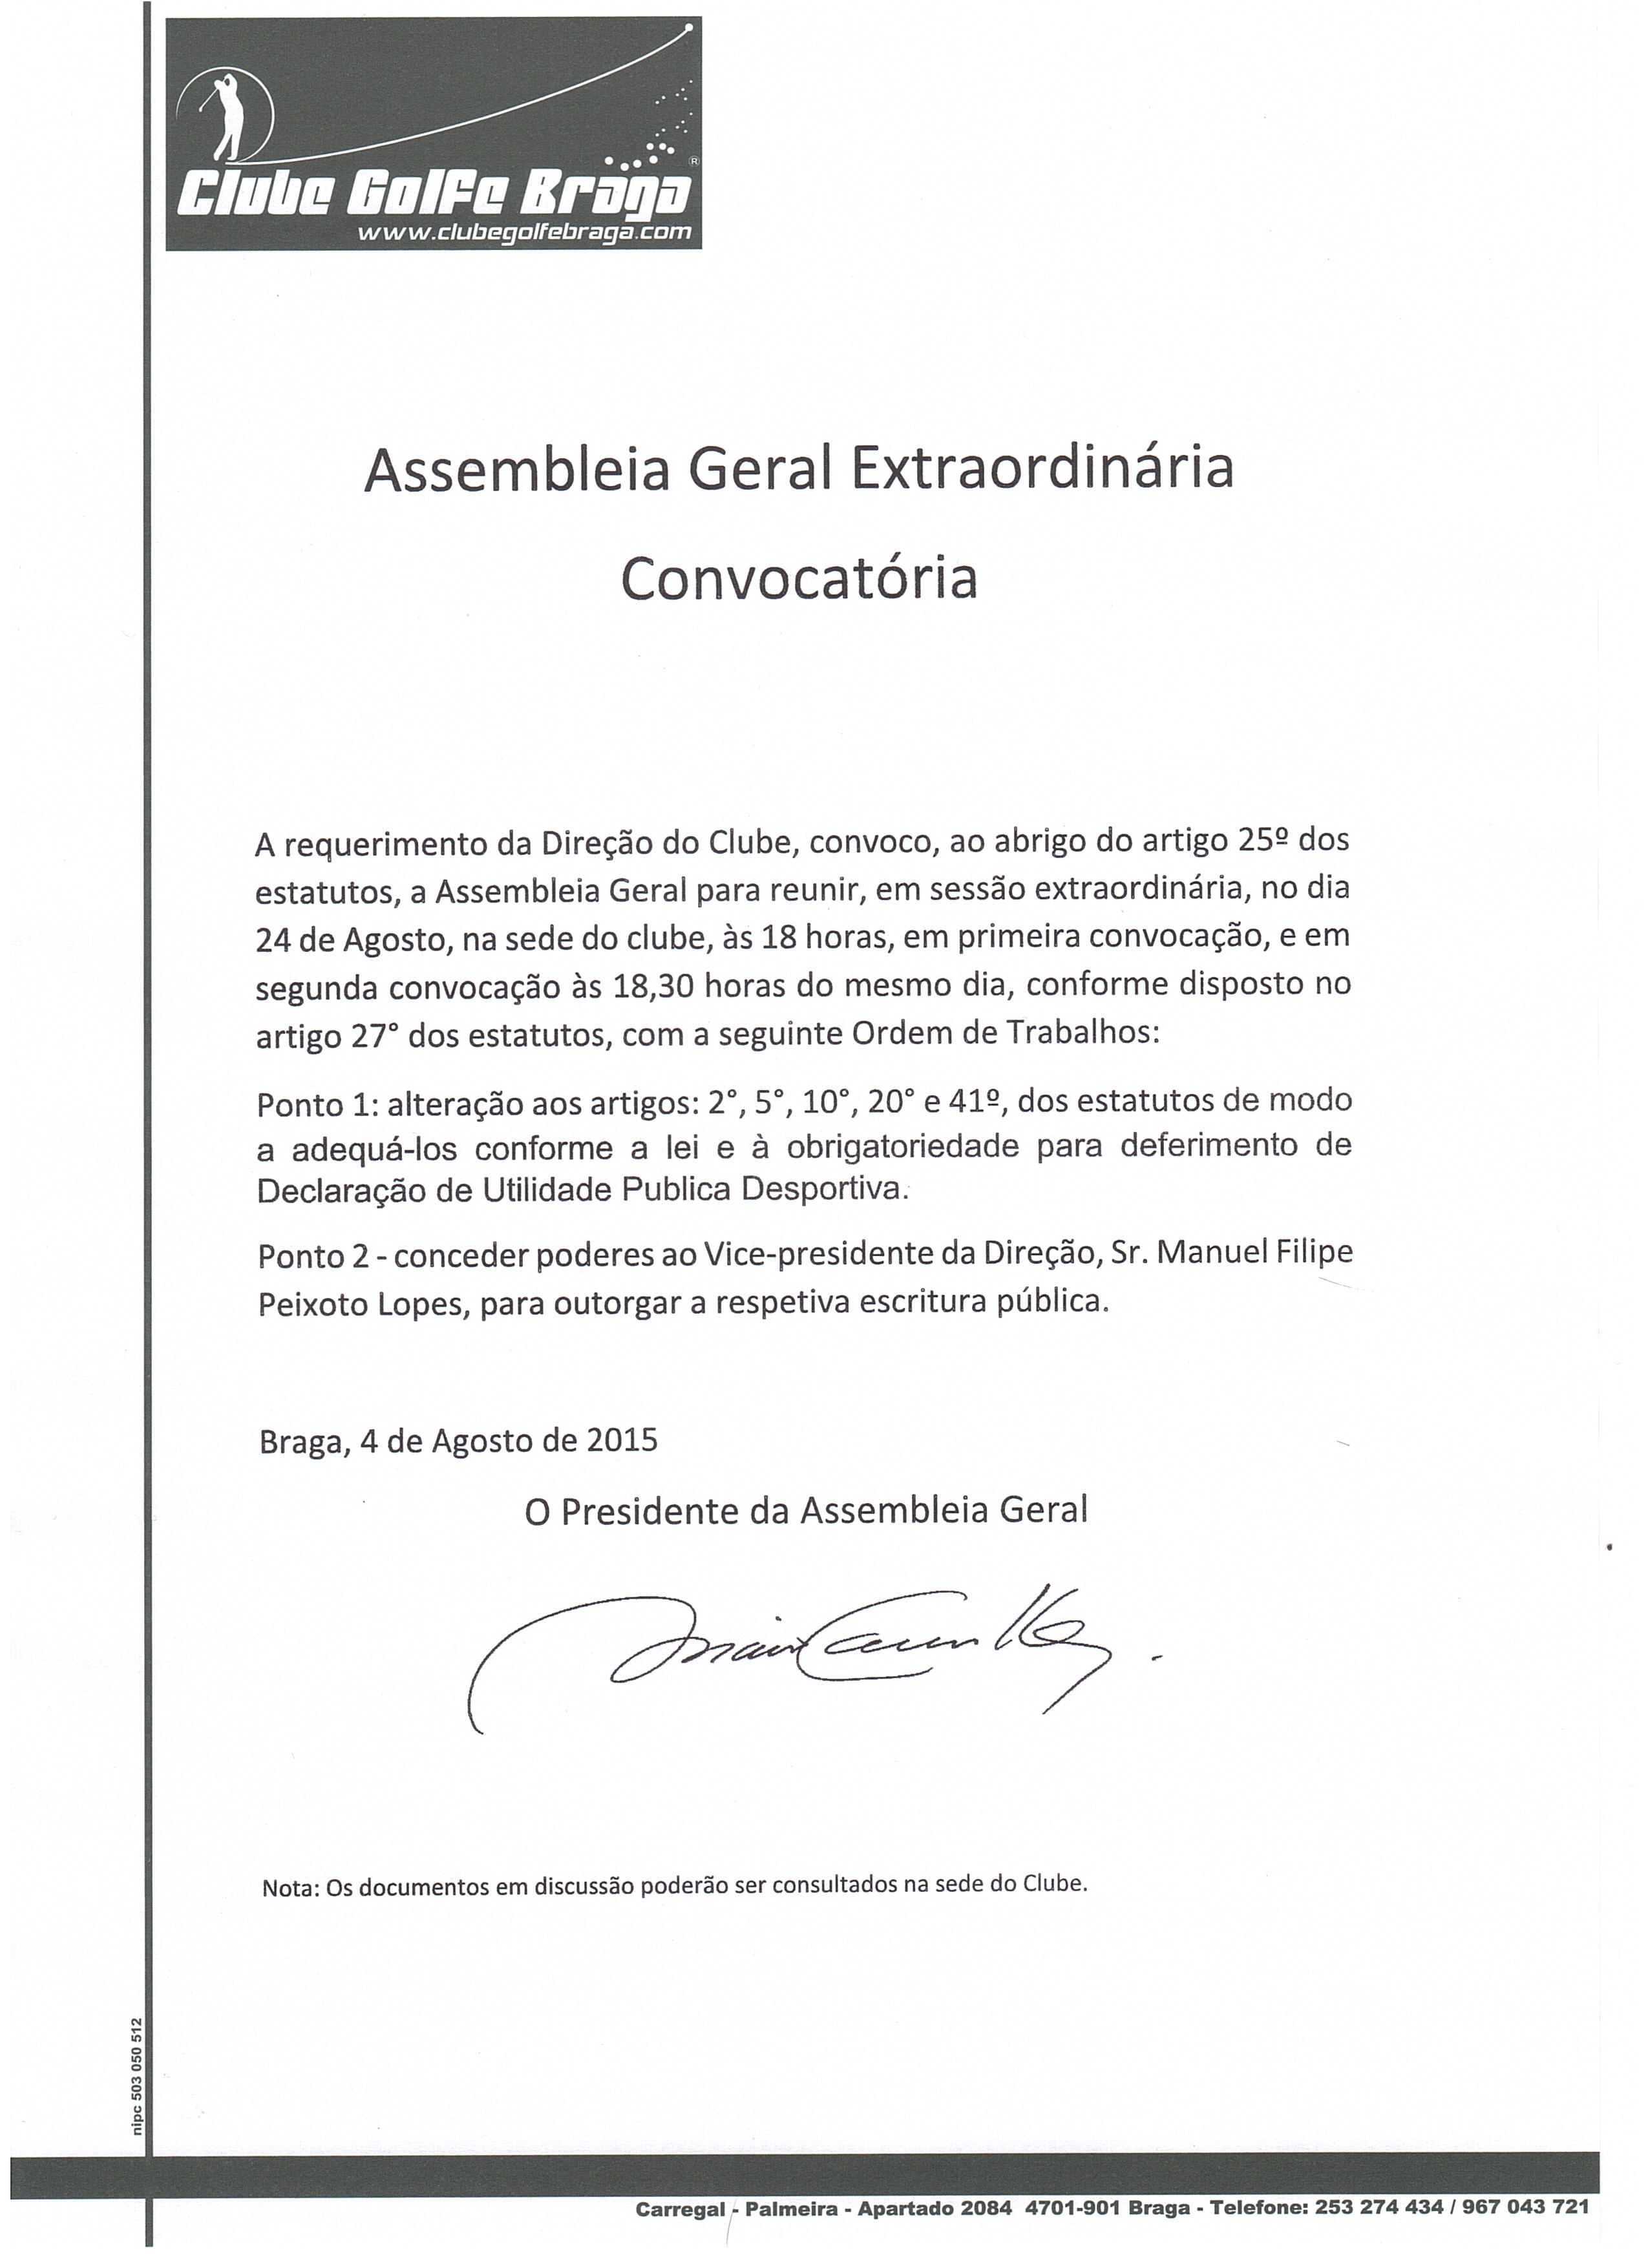 Convocatória 2015 002.jpg